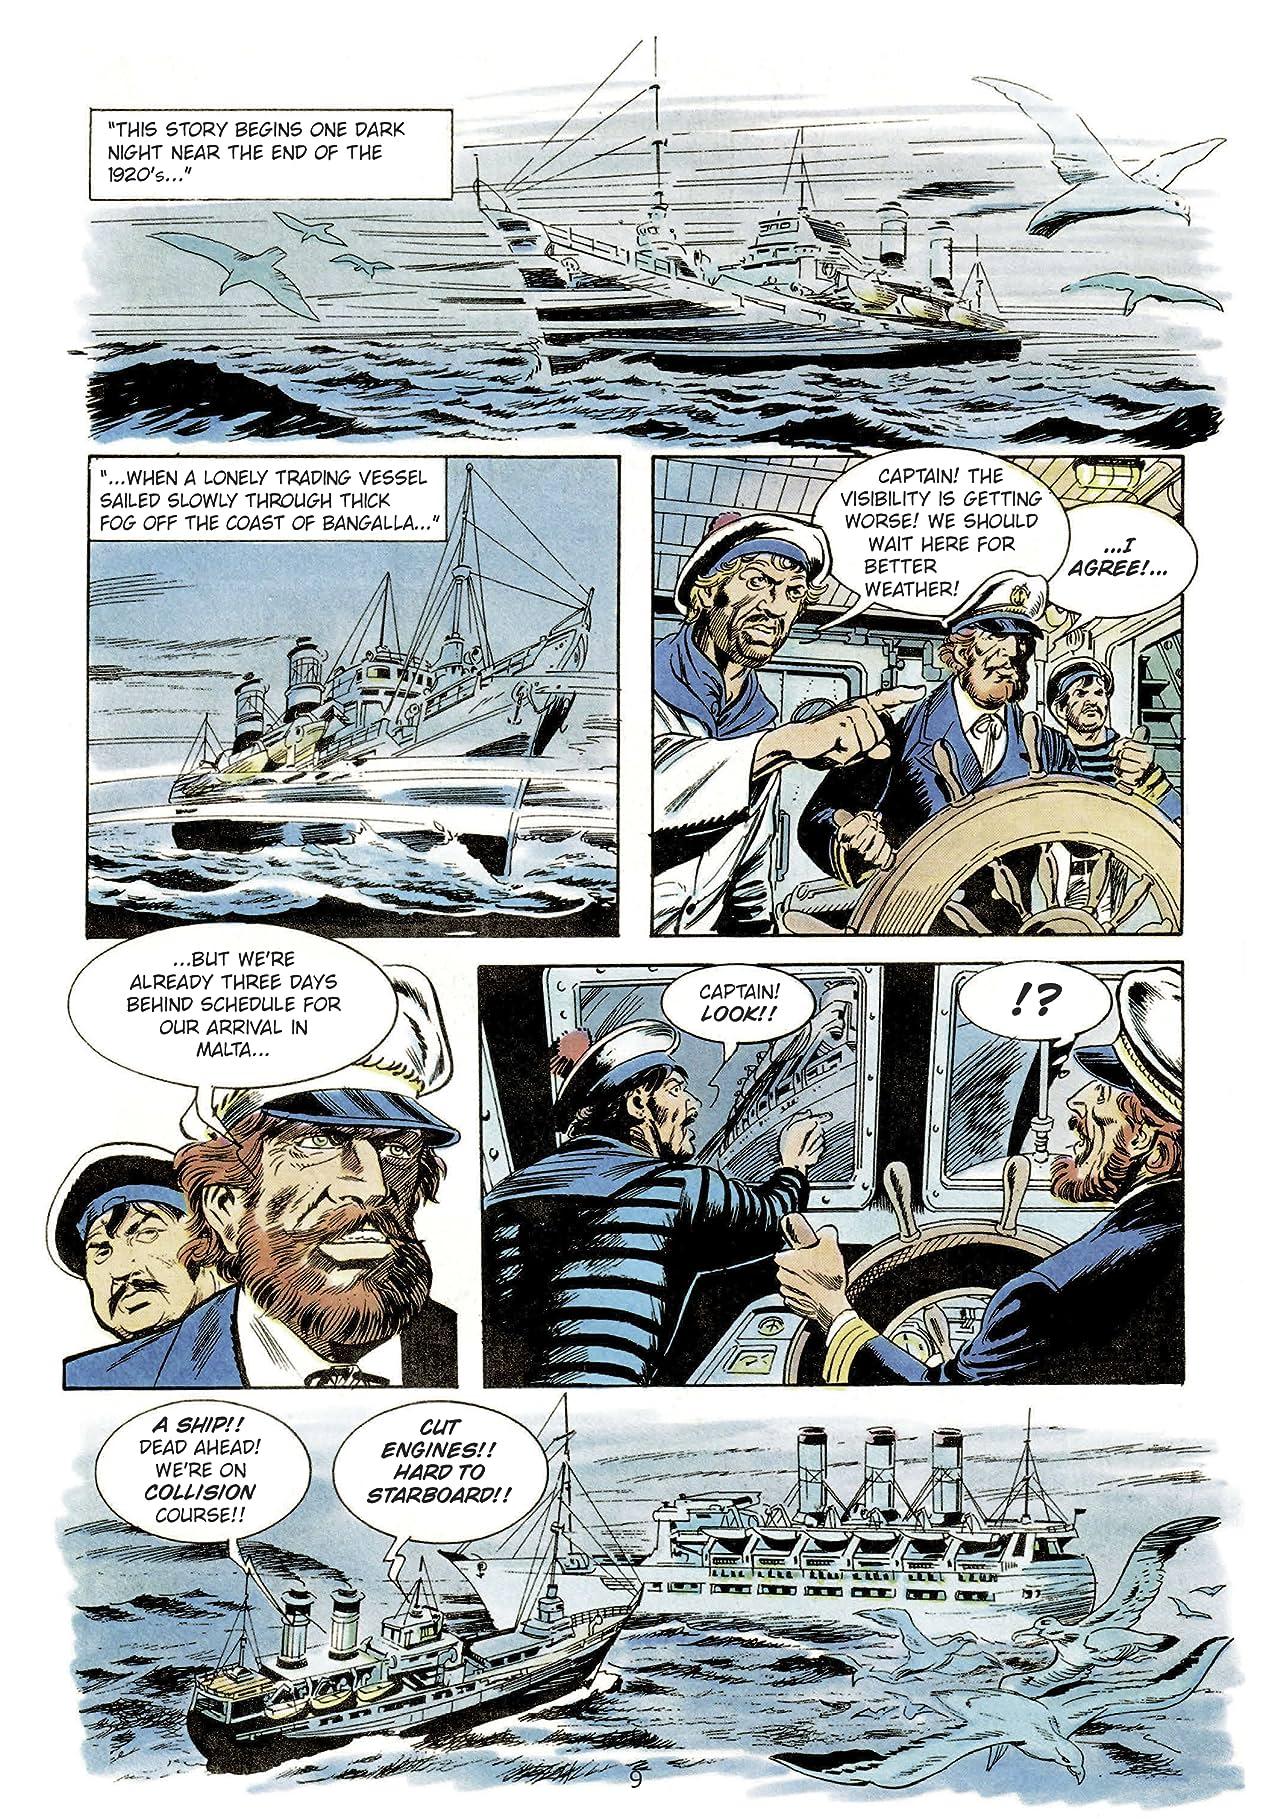 The Phantom Trade Paperback #3